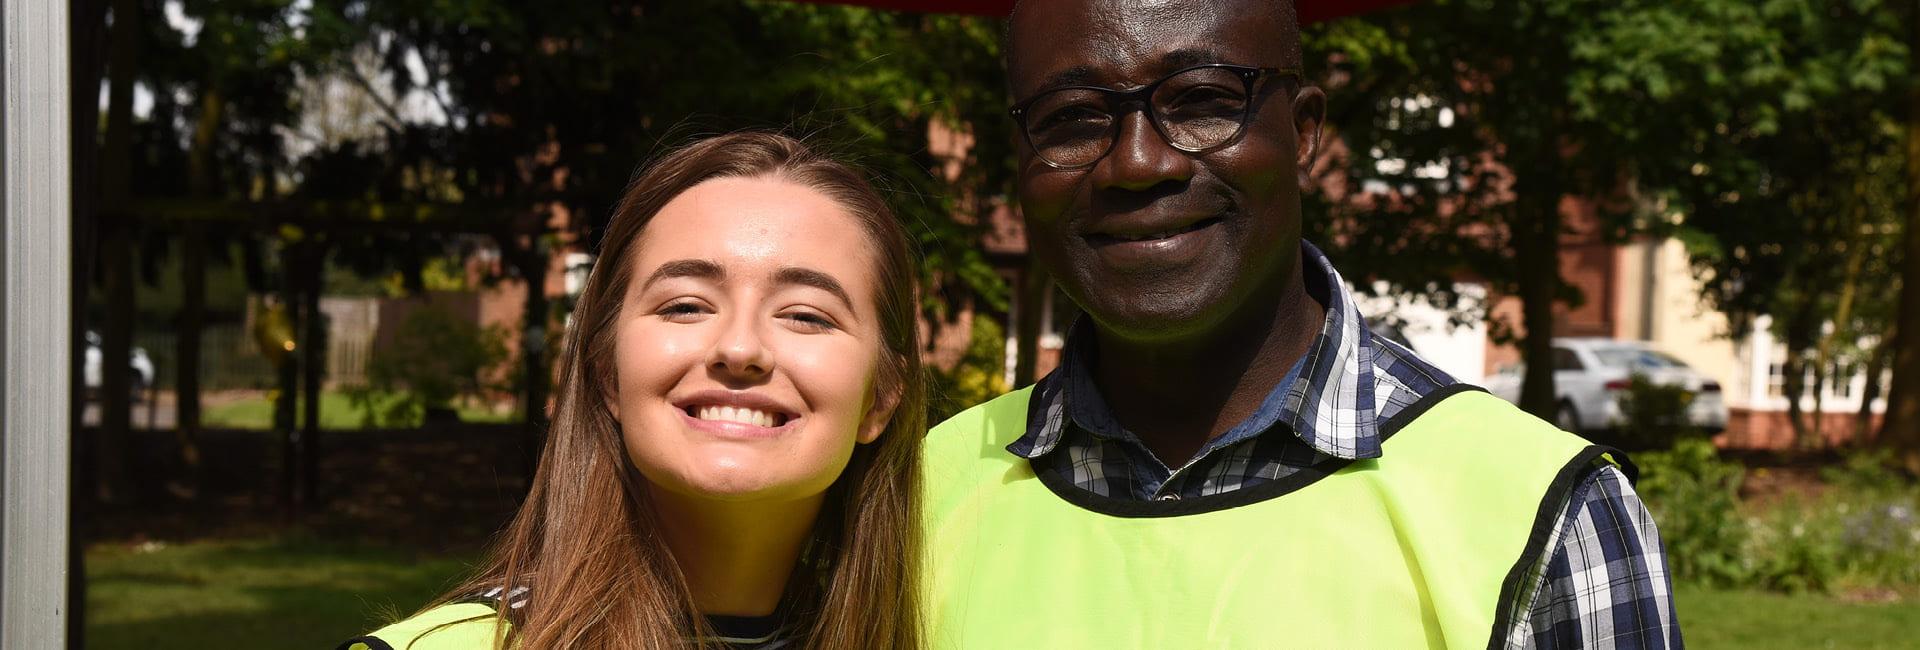 The Myton Hospices - Volunteers - Volunteering - Warwick - Rugby - Coventry - Leamington Spa - Volunteering Vacancies